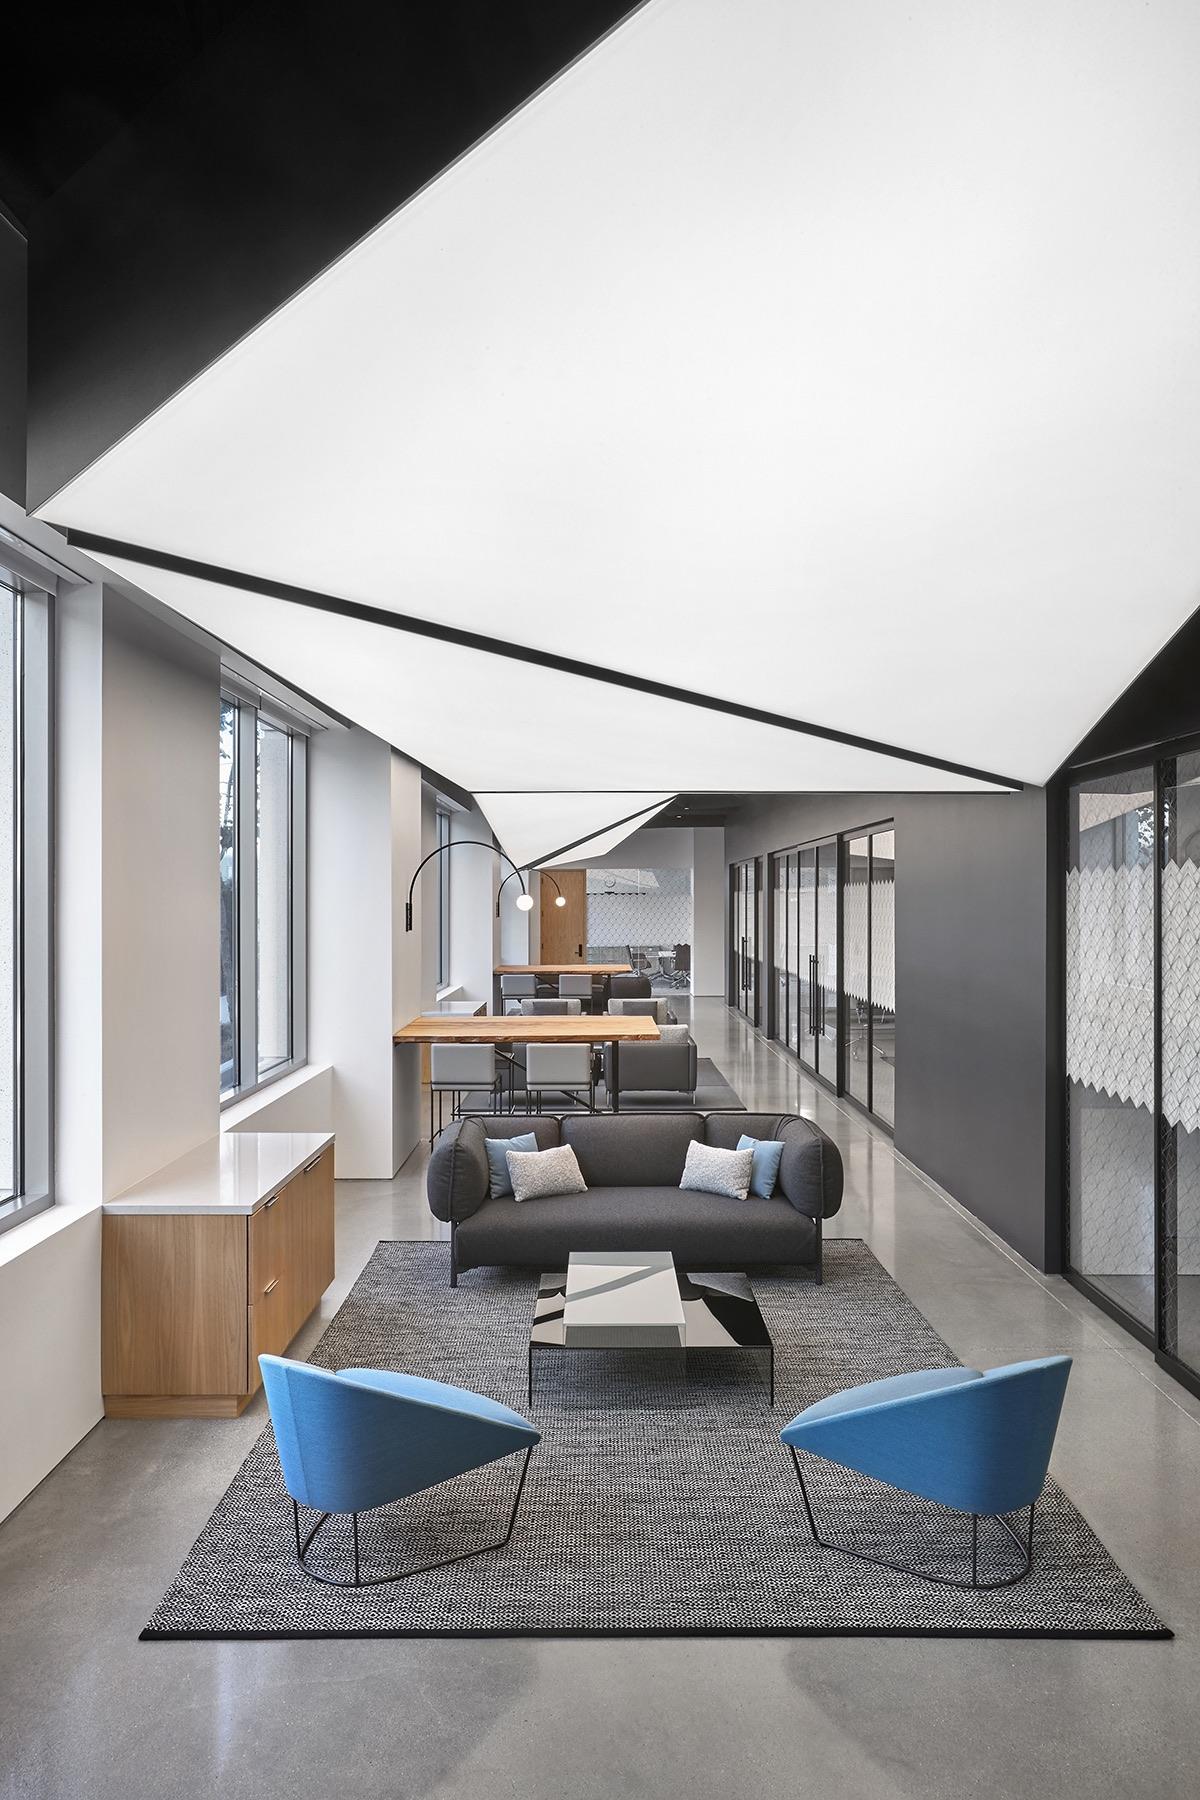 netapp-sunnyvale-office-3